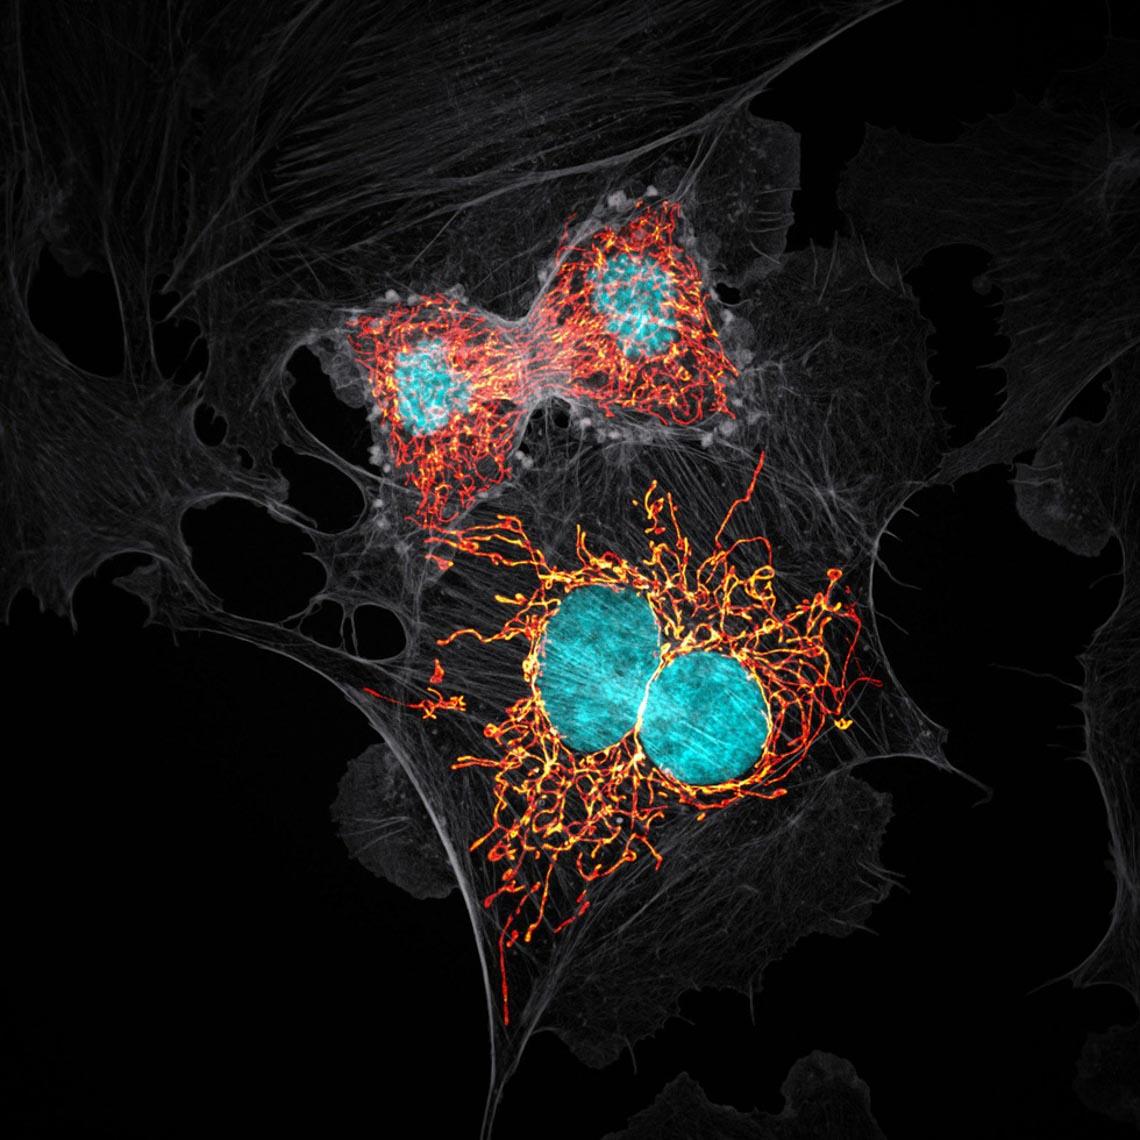 Ngỡ ngàng vẻ đẹp của phôi thai rùa, cá sấu dưới kính hiển vi-10